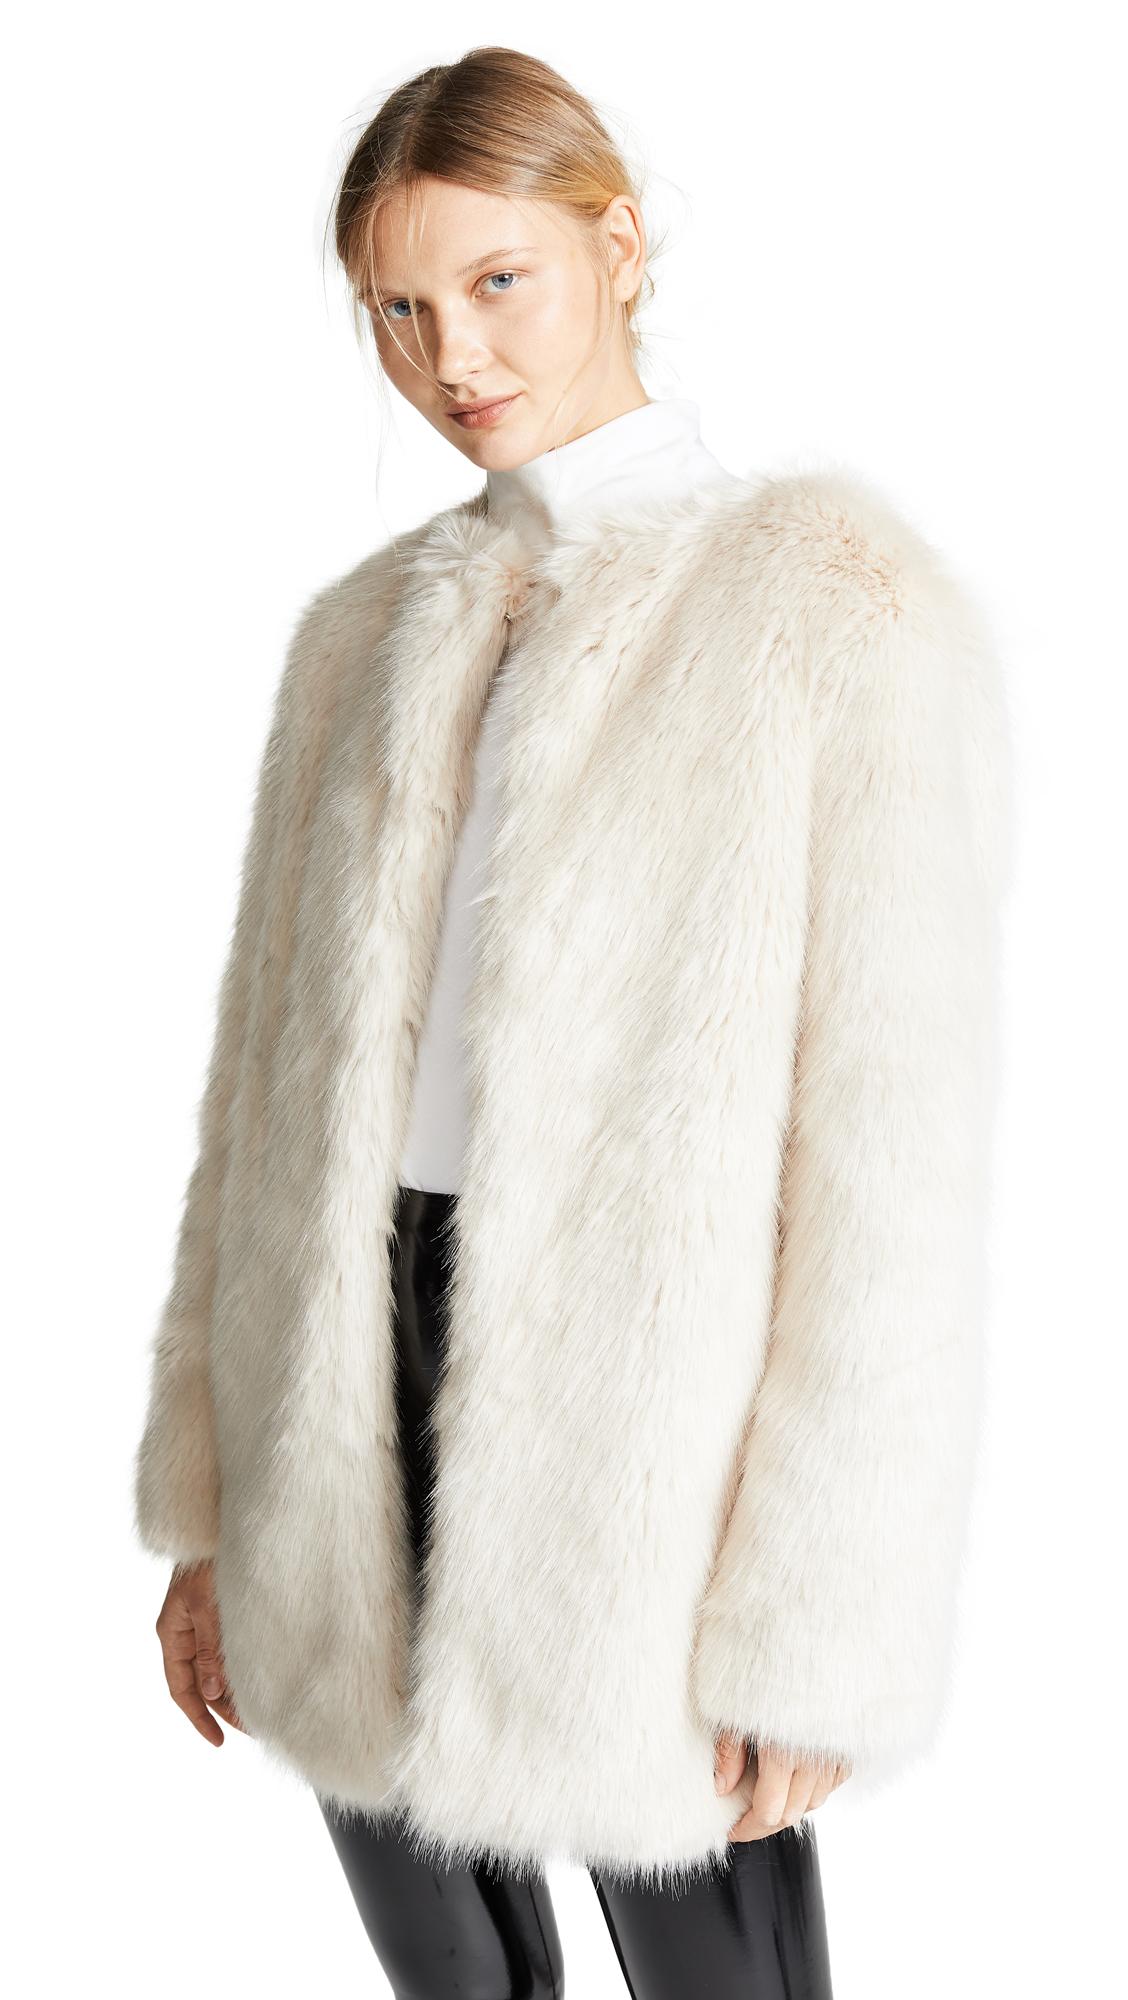 Helmut Lang Faux Fur Coat - Oatmeal